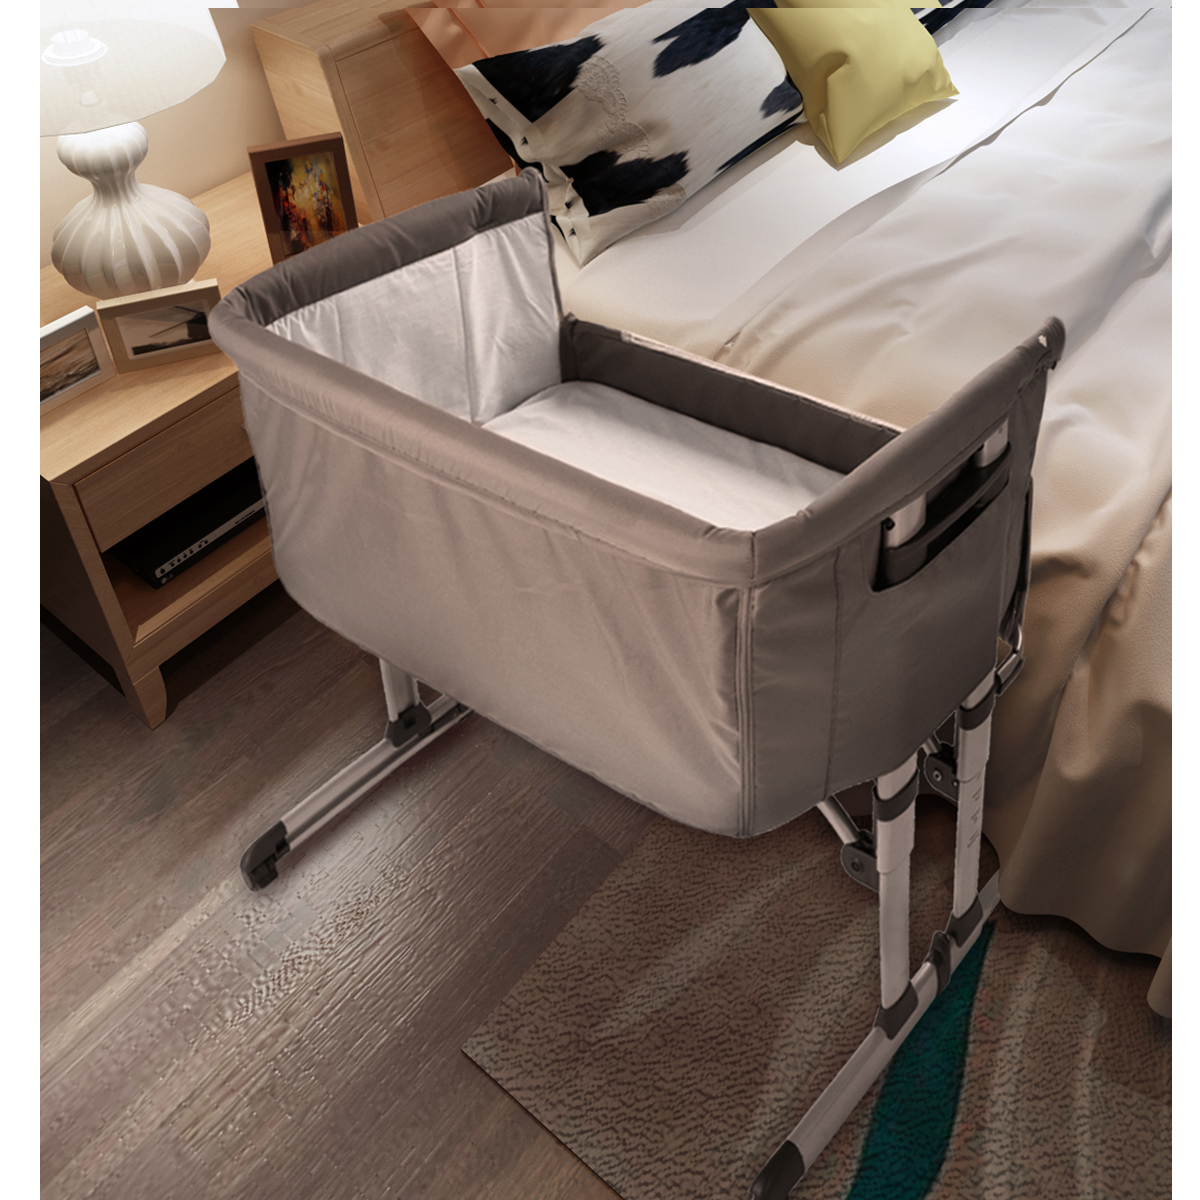 beistellbett stillbett mit matratze babybett wiege faltbare stubenbett braun de ebay. Black Bedroom Furniture Sets. Home Design Ideas